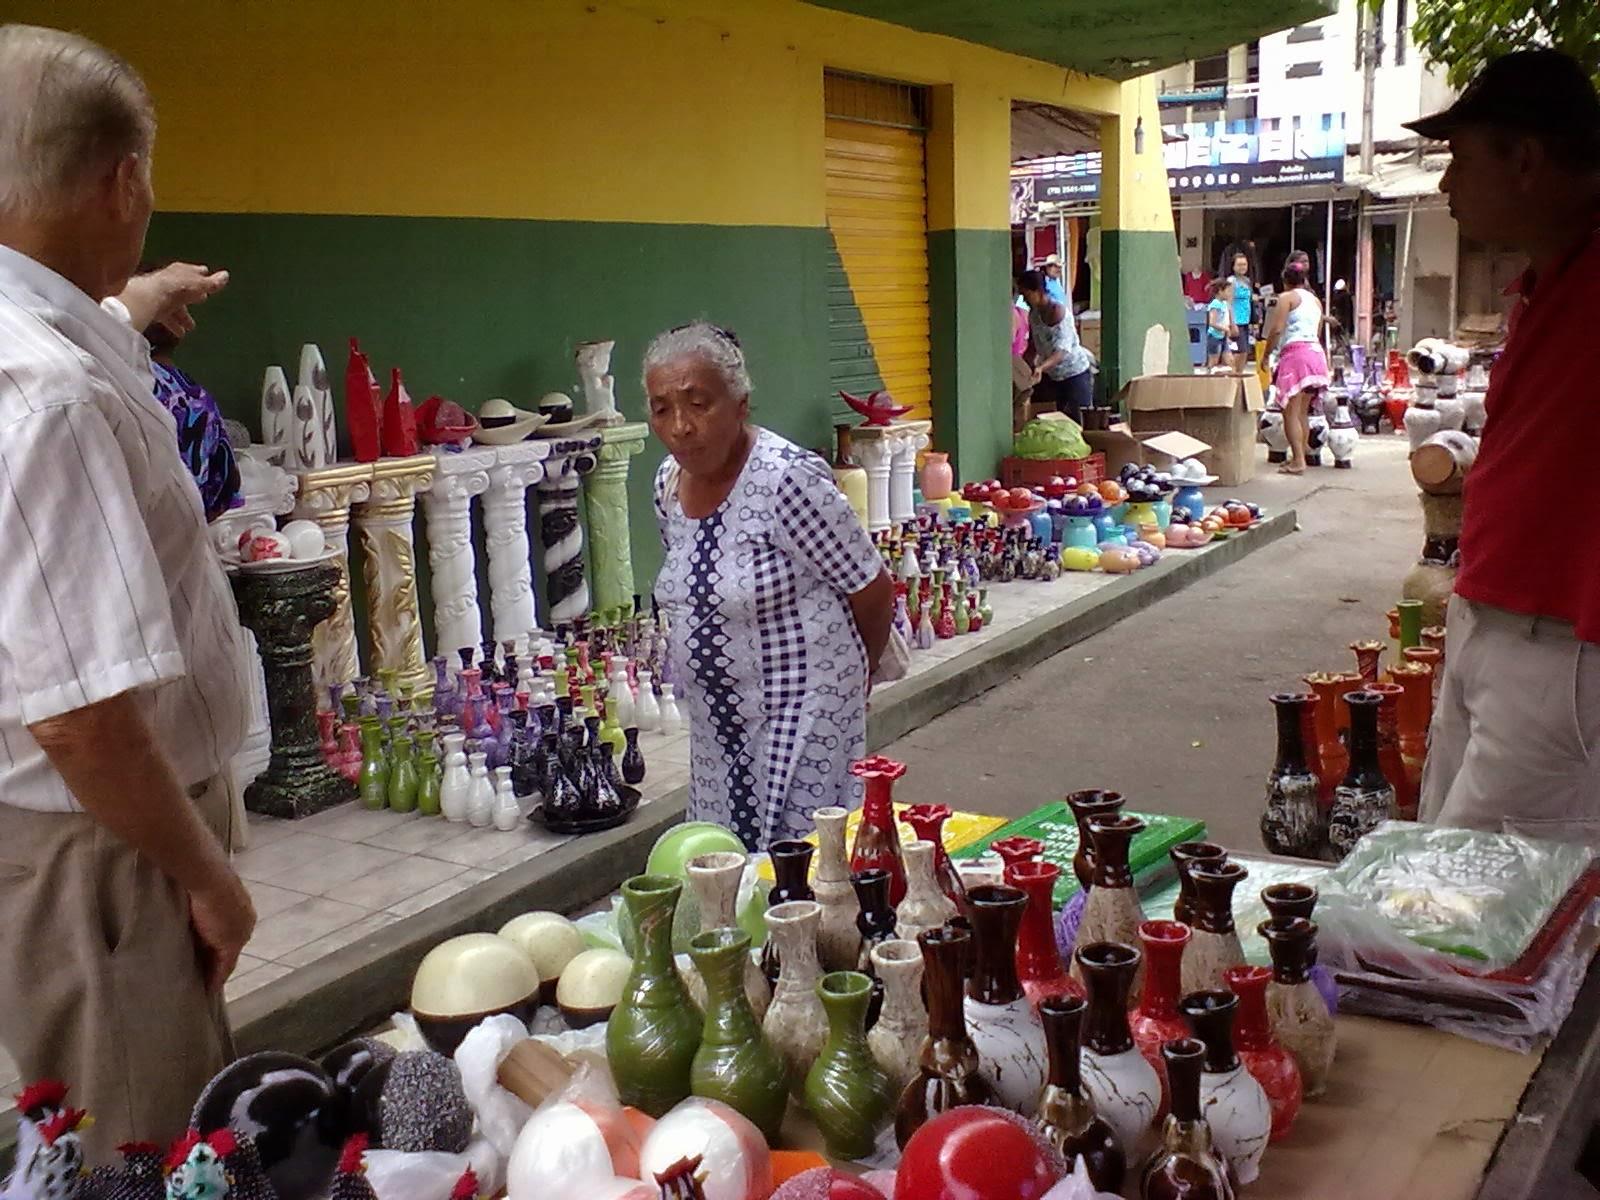 Aparador De Ferro Quadrado ~ SERGIPE EM FOTOS Artesanato em Feira Livre no município de Tobias Barreto